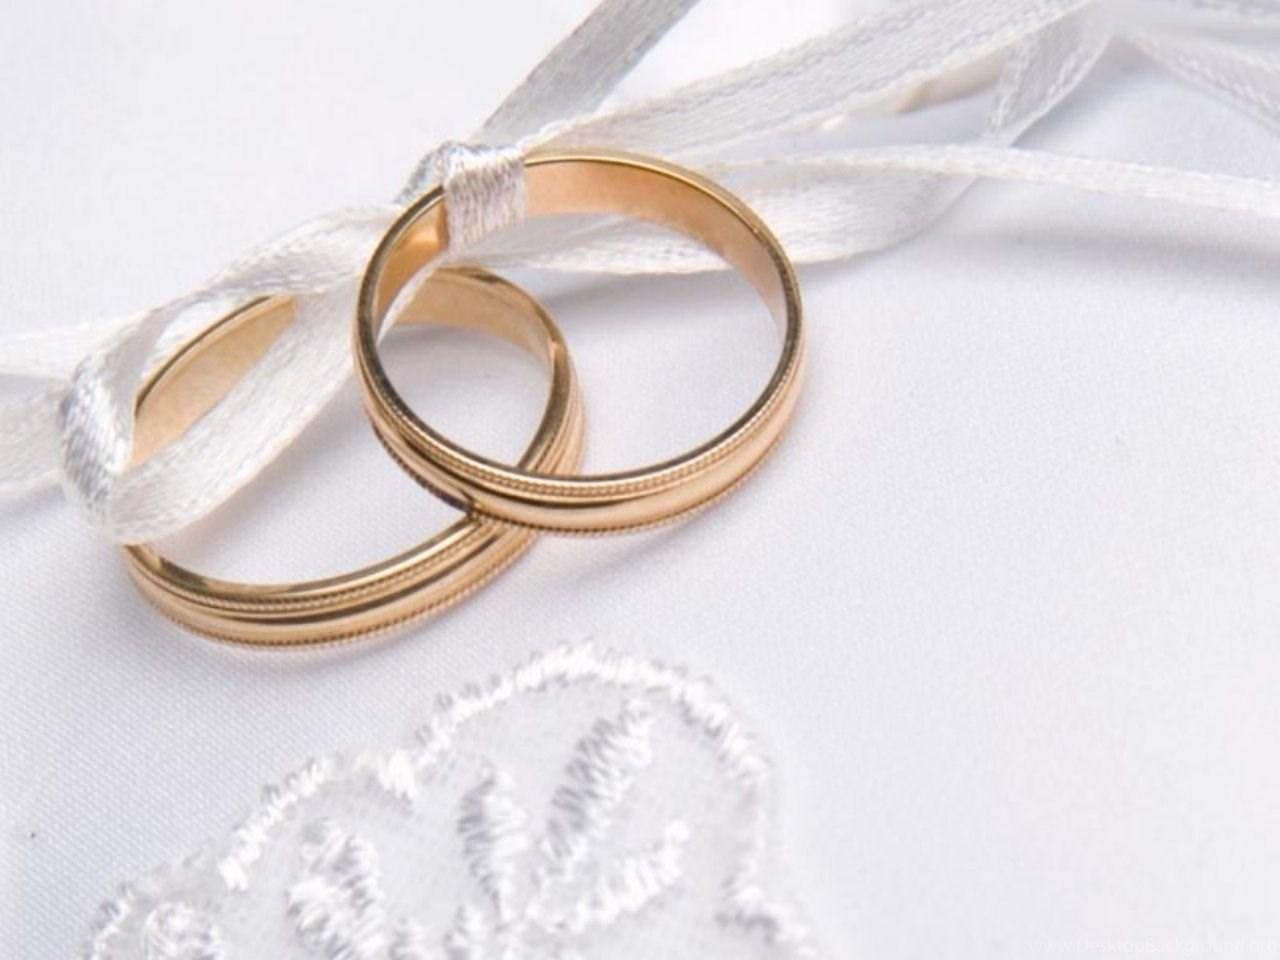 Поздравления с днем бракосочетания фото